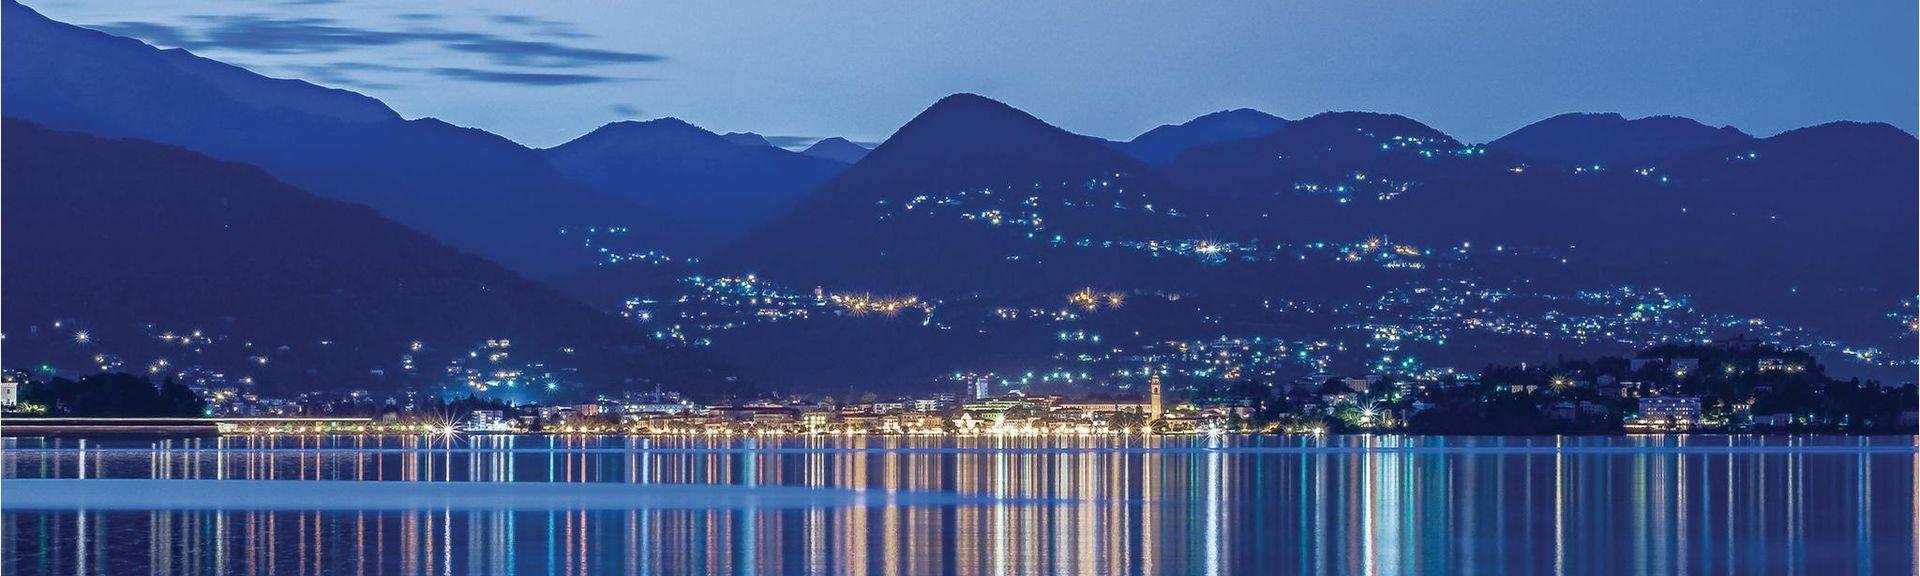 Divignano, Novara, Piedmont, Italy